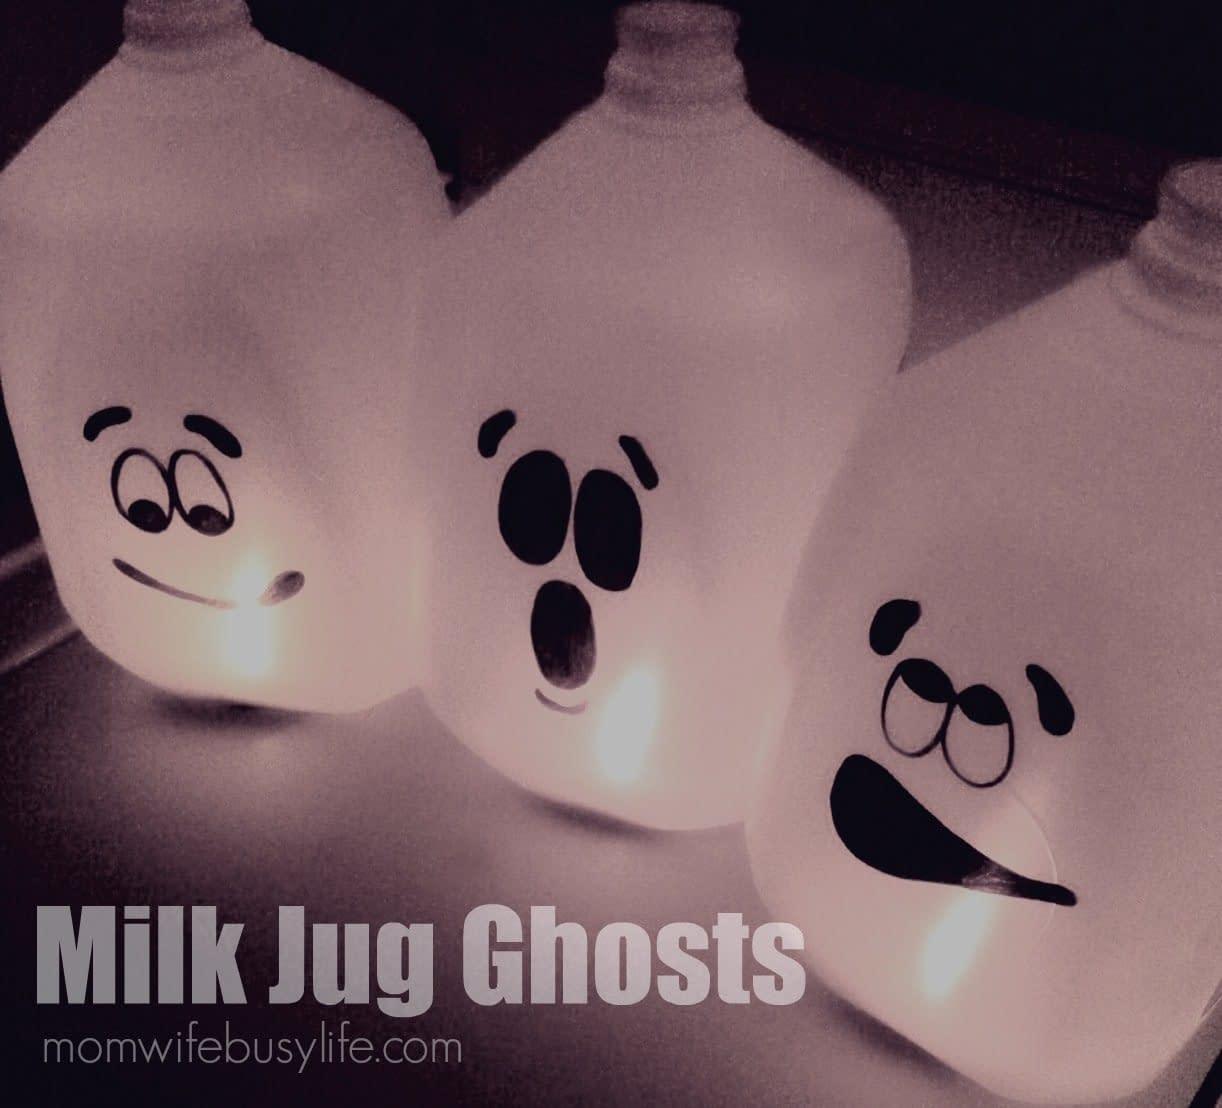 Milk Bottle Ghosts - Halloween crafts for kids